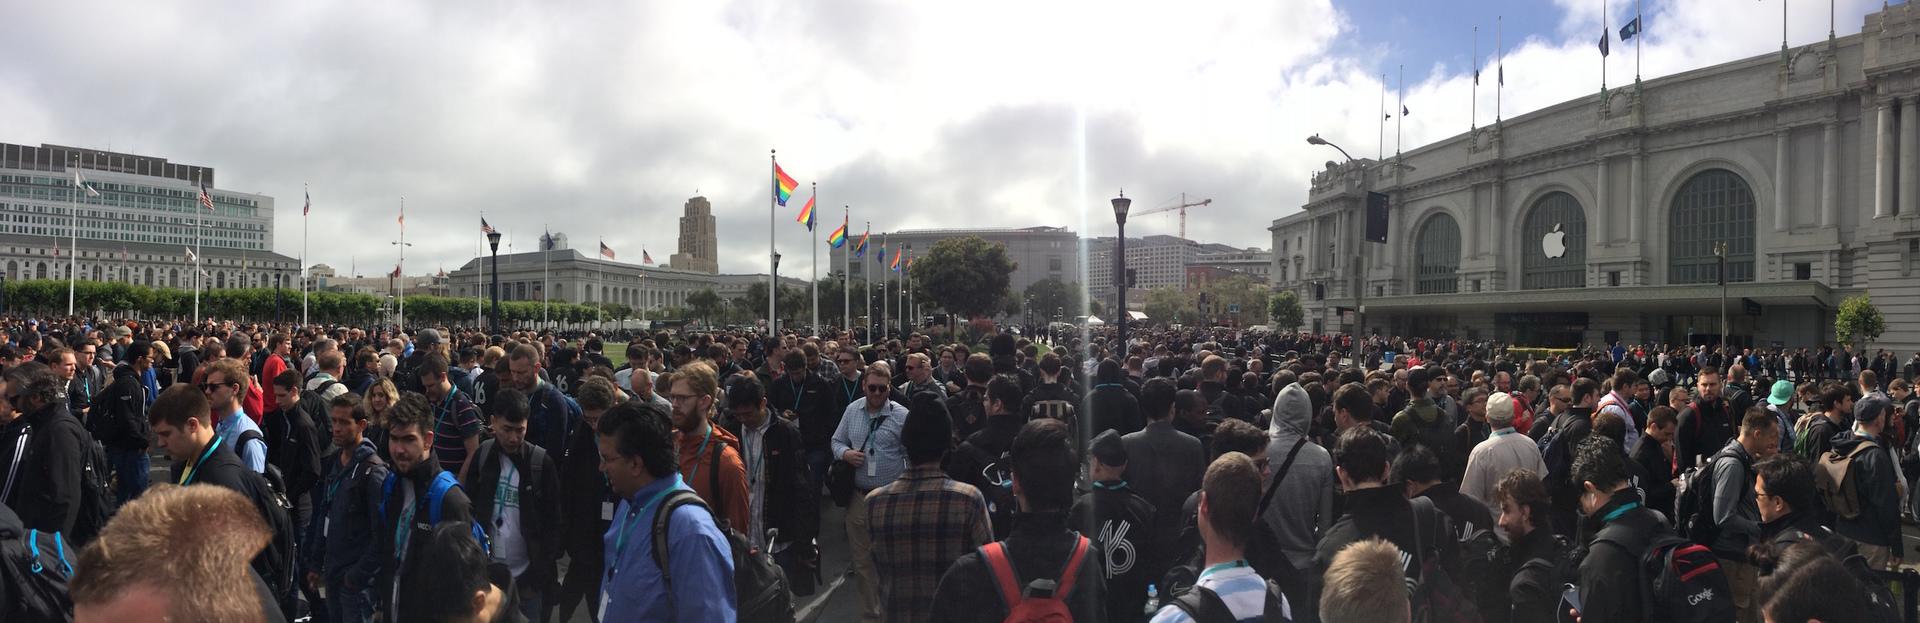 WWDC 16: первые впечатления с места событий